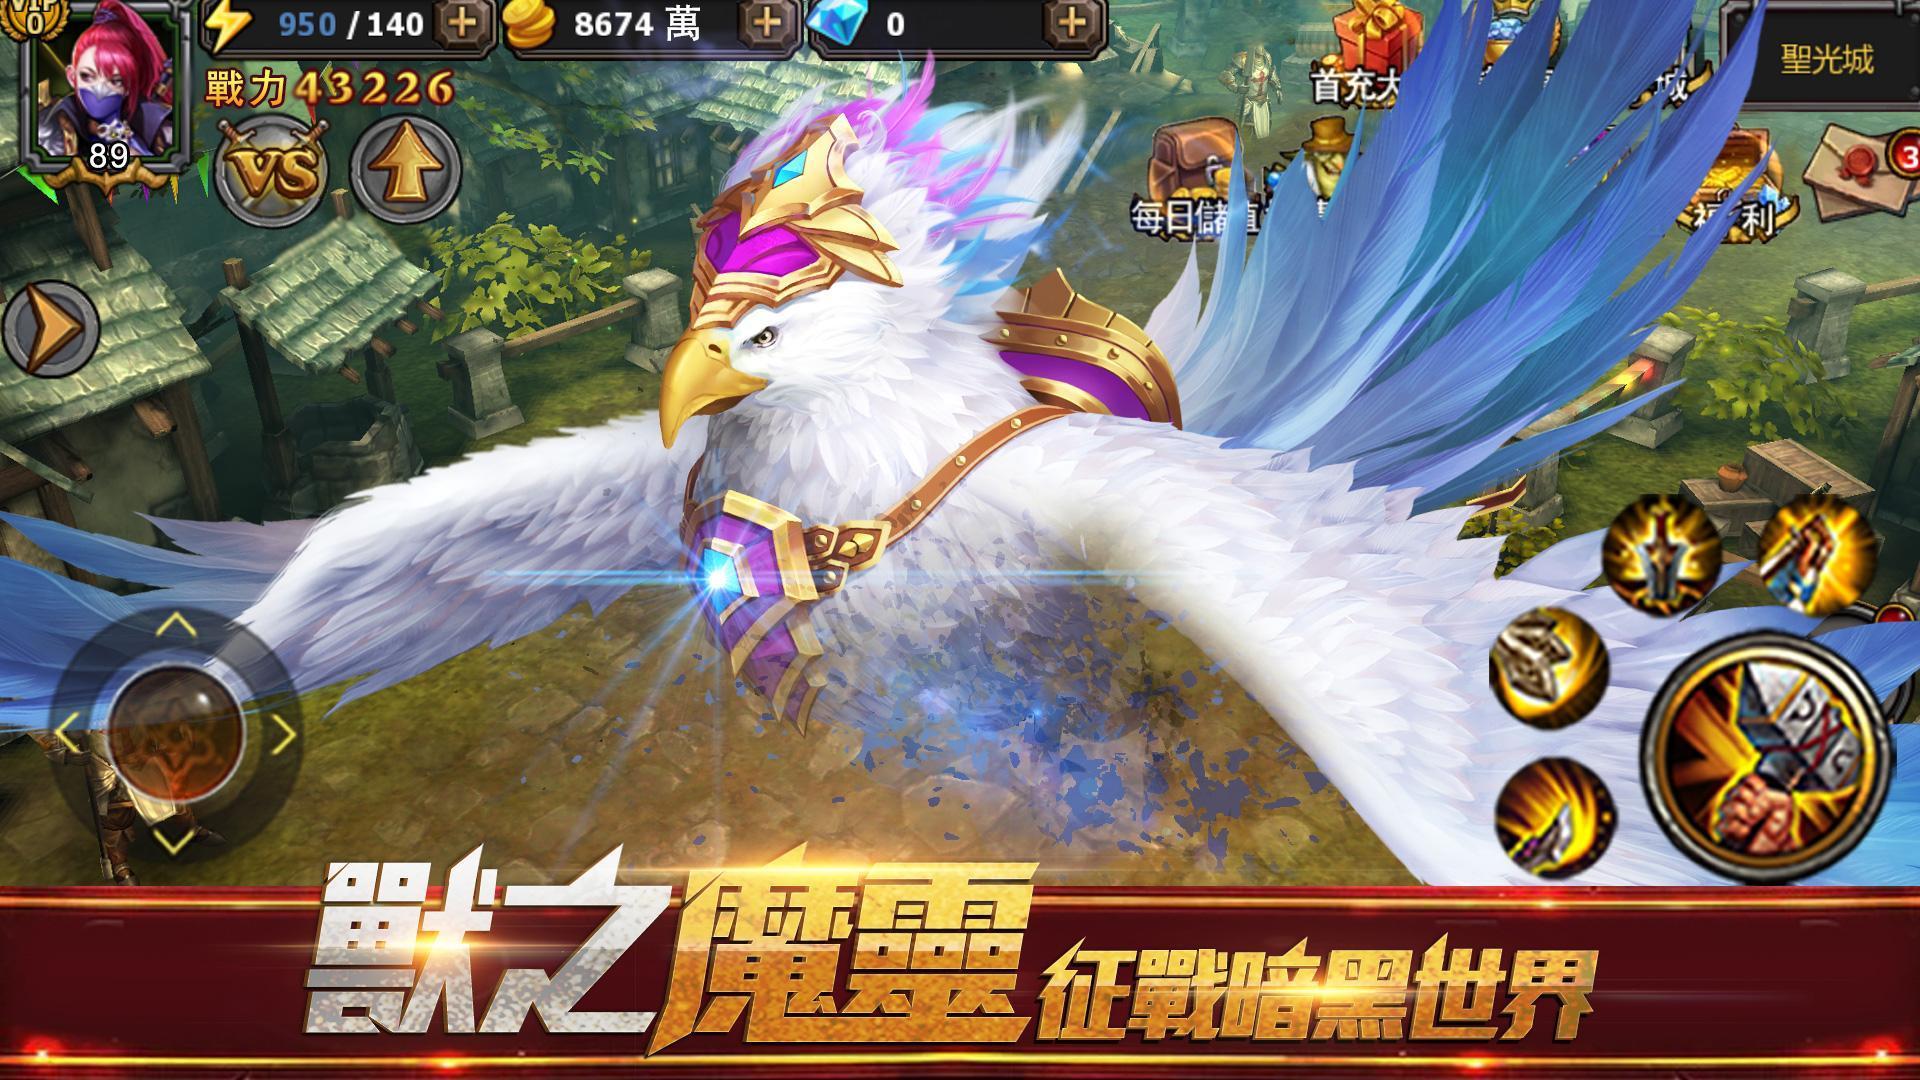 暗黑黎明-霜火之戰 screenshot 9